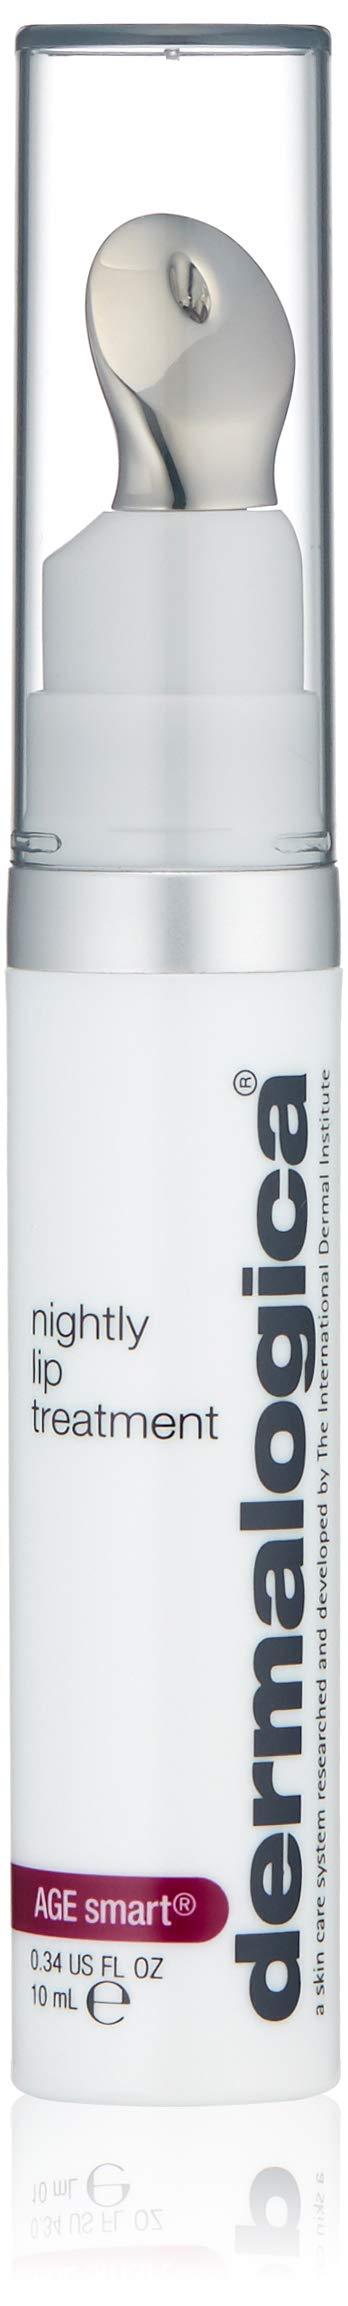 Dermalogica Age Smart Nightly Lip Treatment, 0.34 Fl Oz